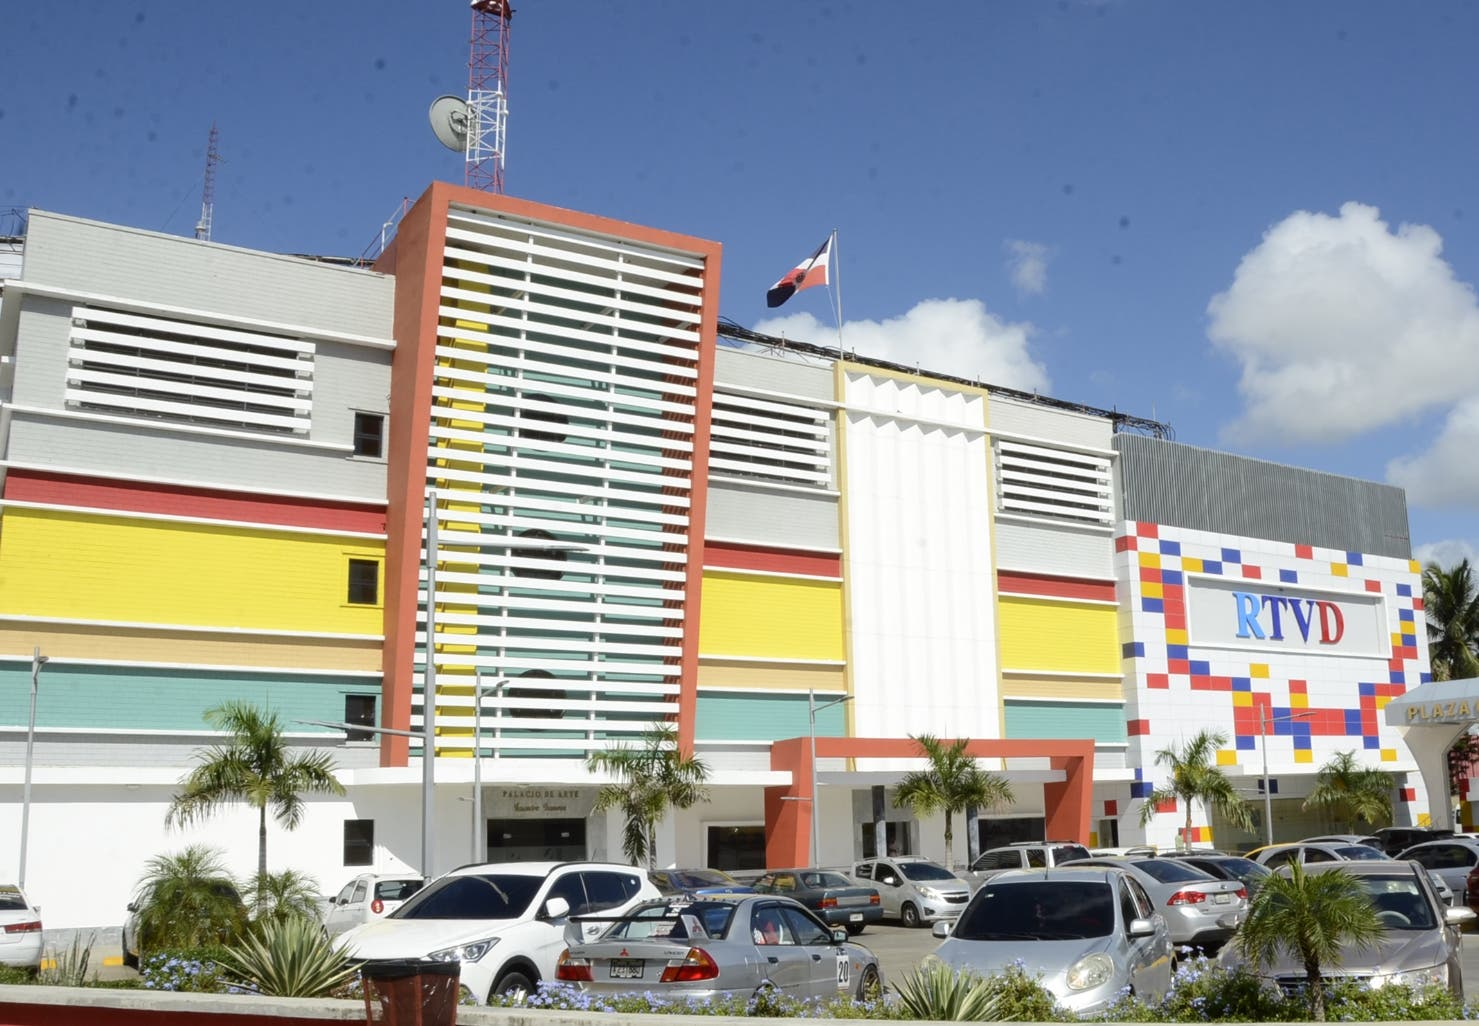 Esta es la fachada de CERTV, que también en su interior  fue remodelada y luce diferente.  José de León